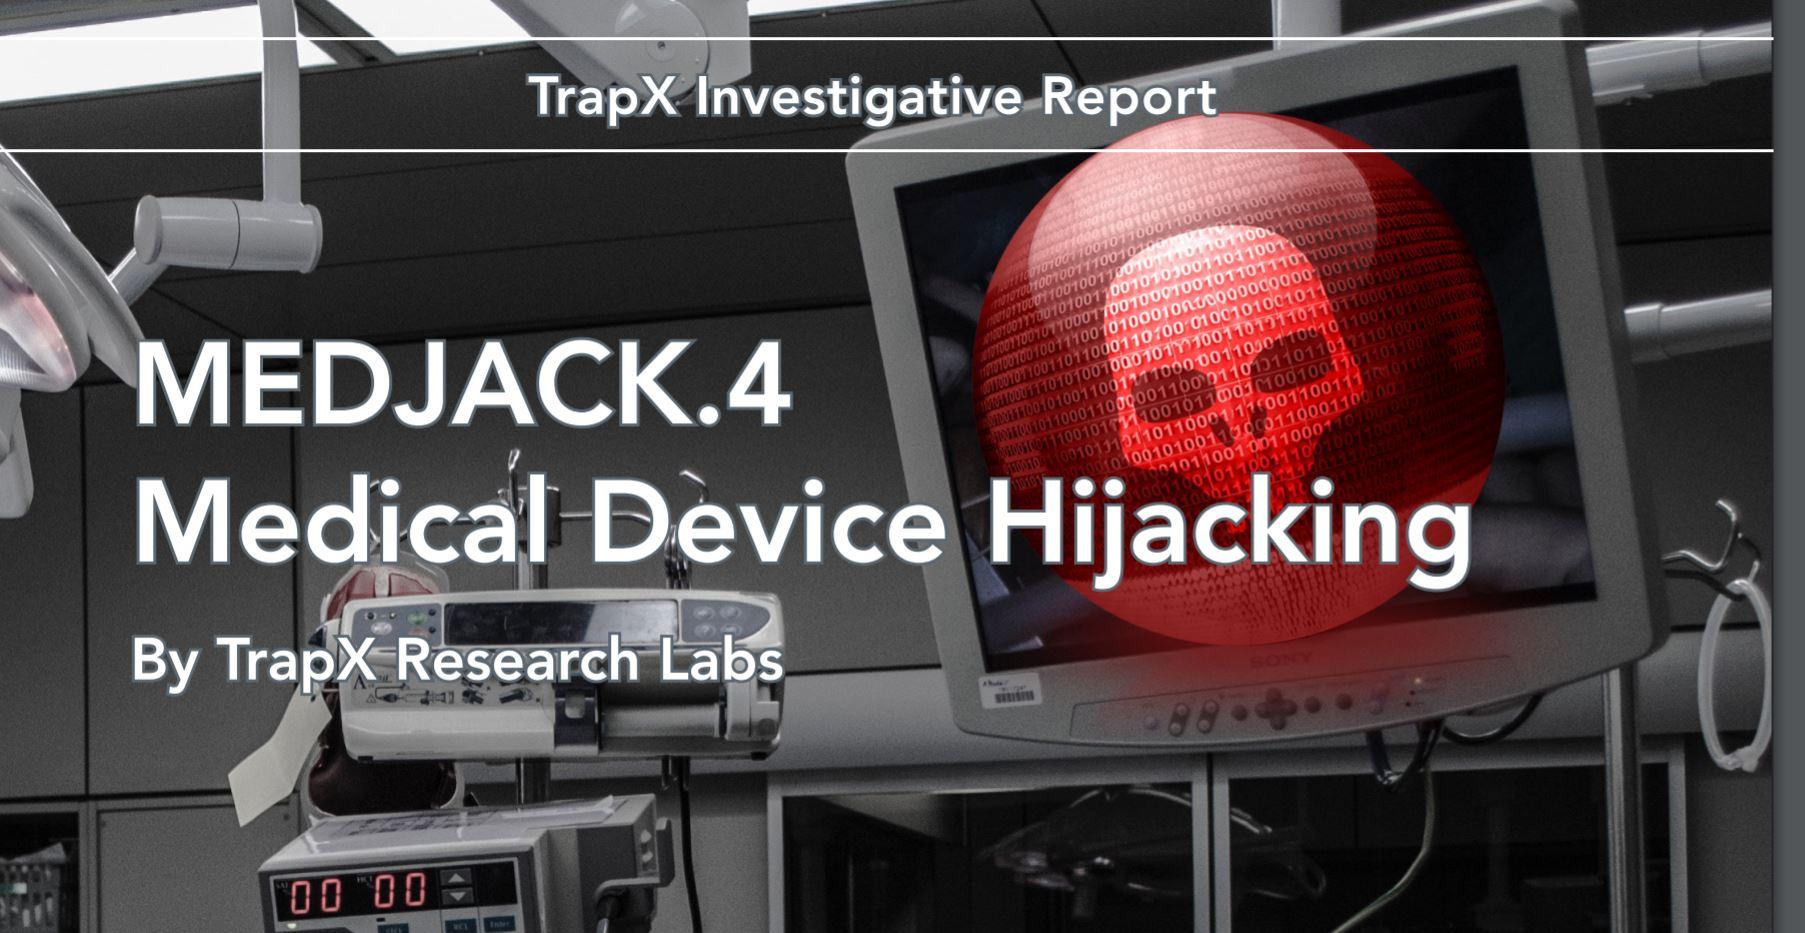 MEDJACK.4: Secuestro de dispositivos médicos. - Daniel\'s blog